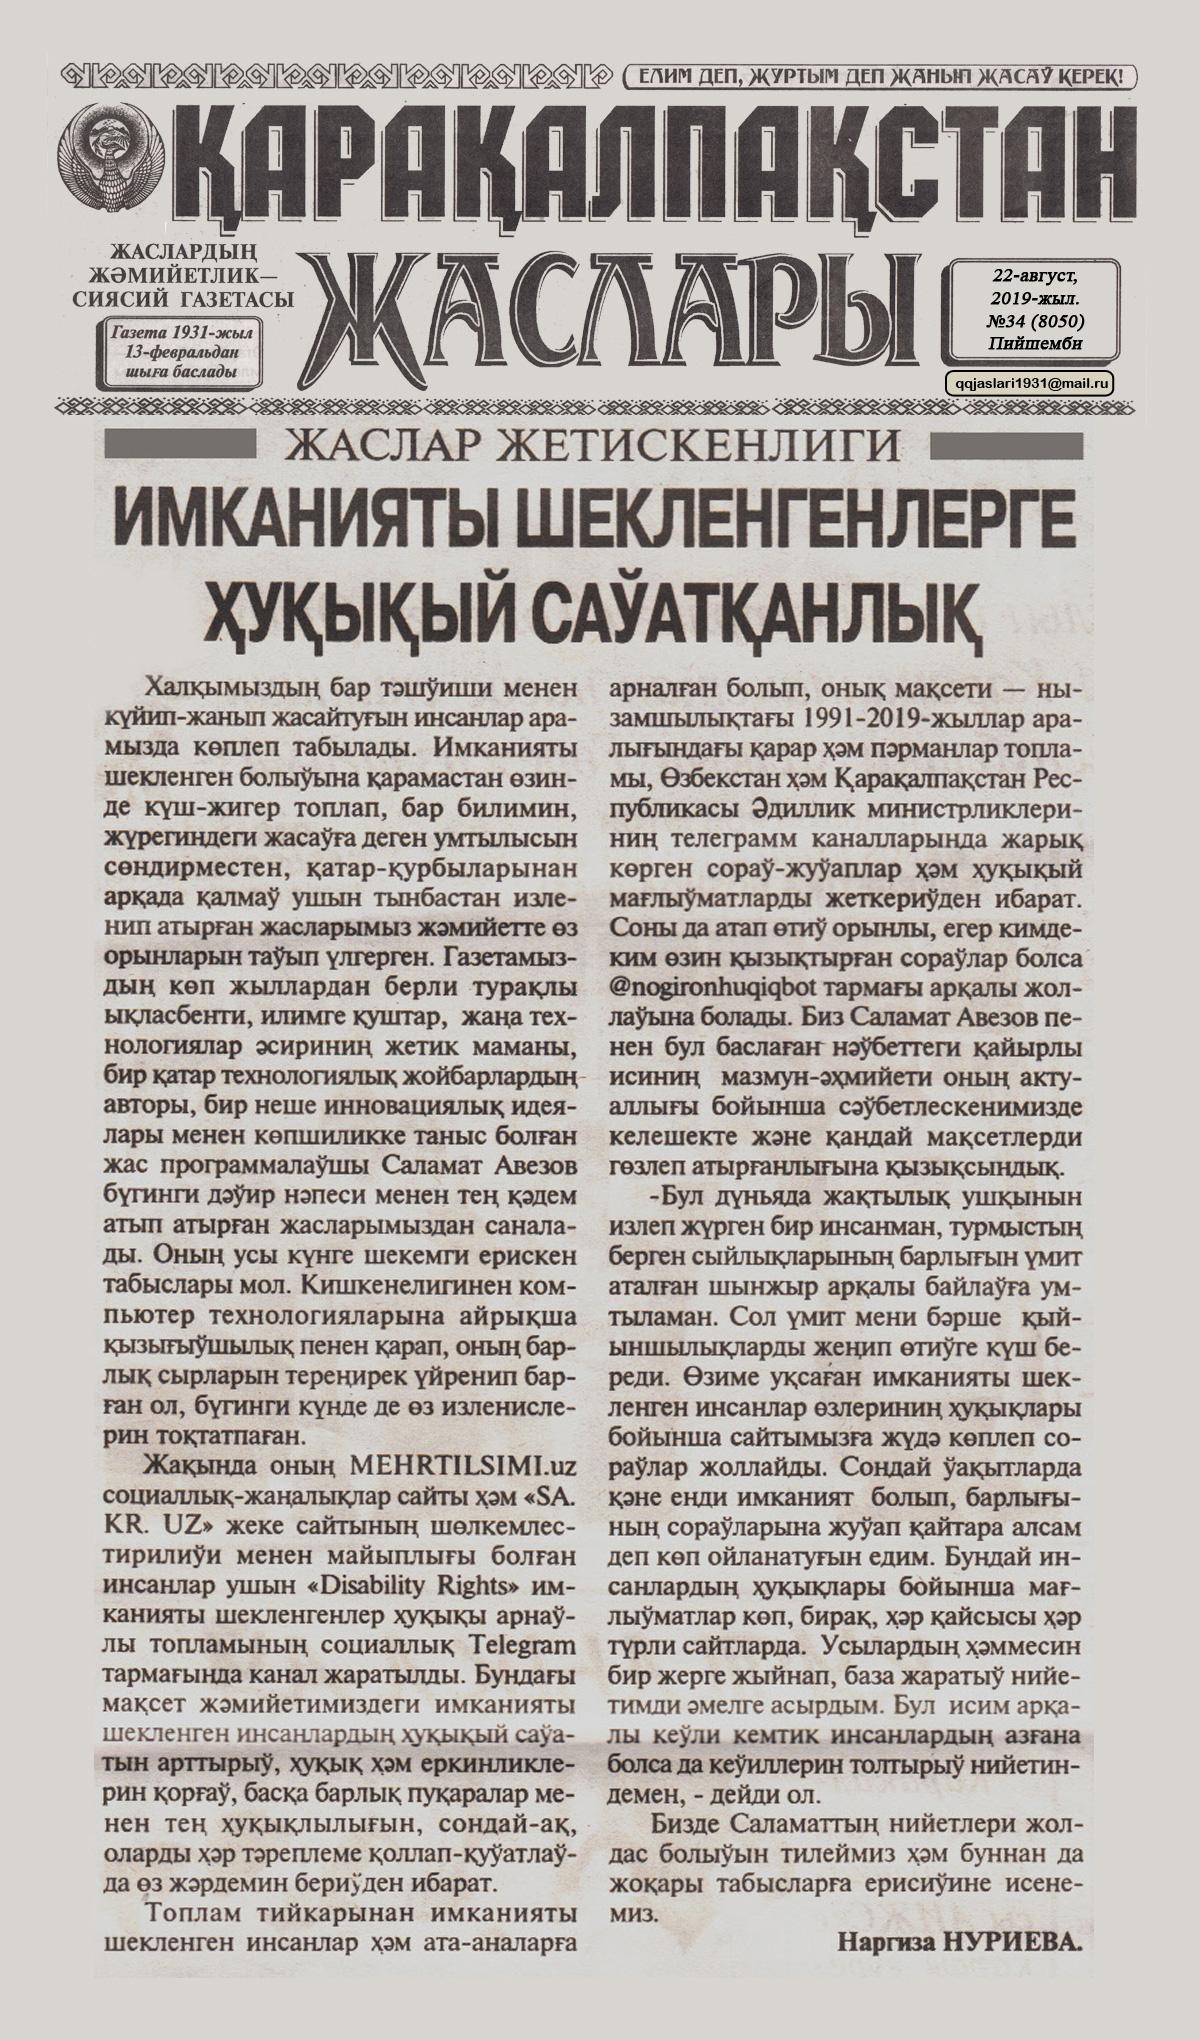 «Қарақалпақстан жаслары» газетасы 22-август, 2019-жыл. №34 (8050)